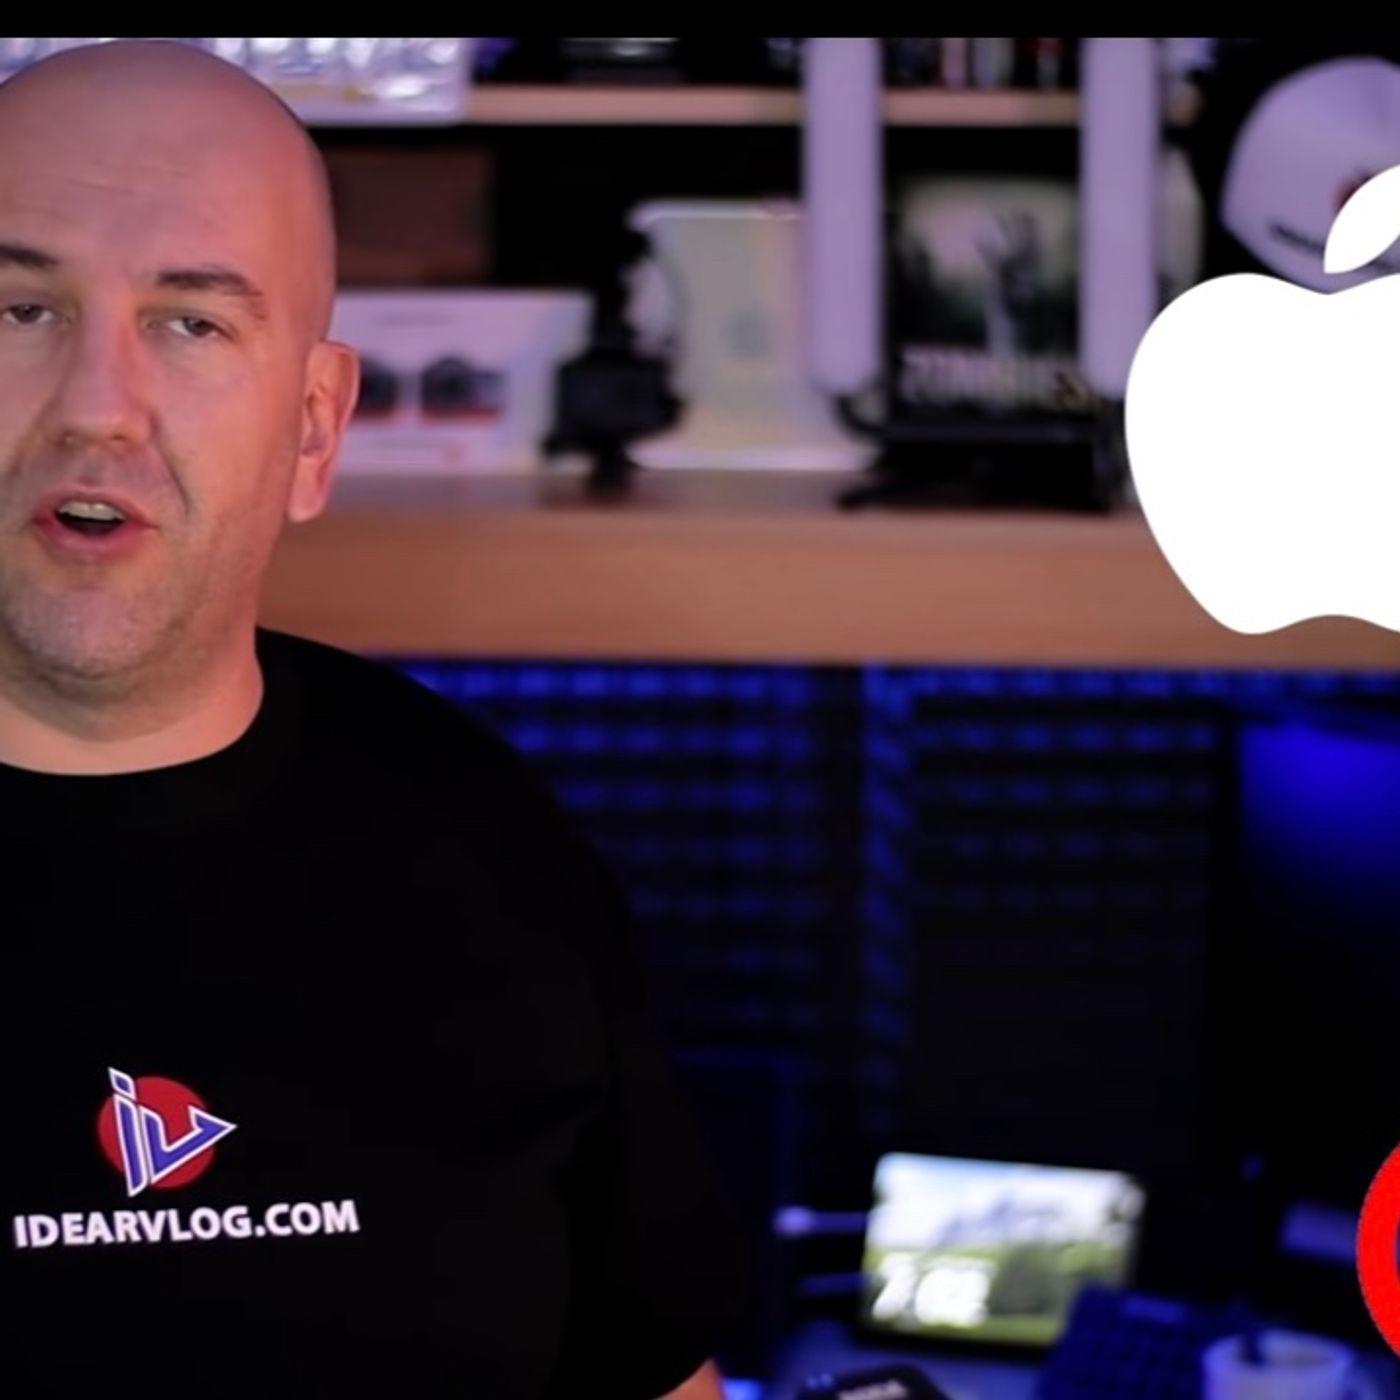 El futuro de Apple Thermal Touch  (Appleaks 18)